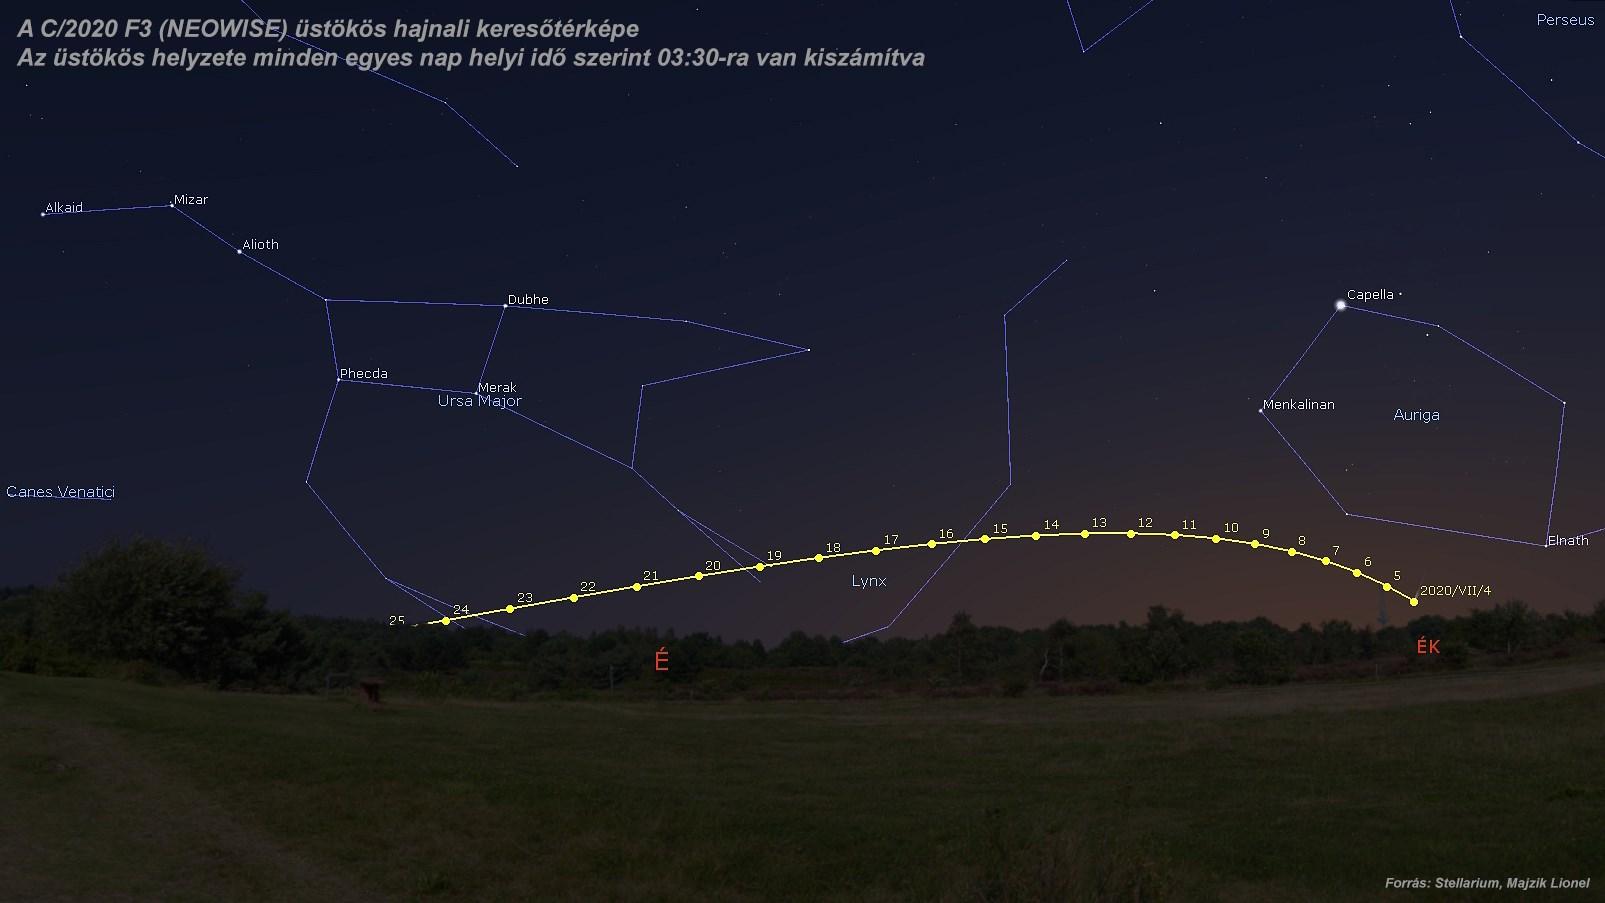 C/2020 F3 (NEOWISE) üstökös láthatósága a hajnali égen